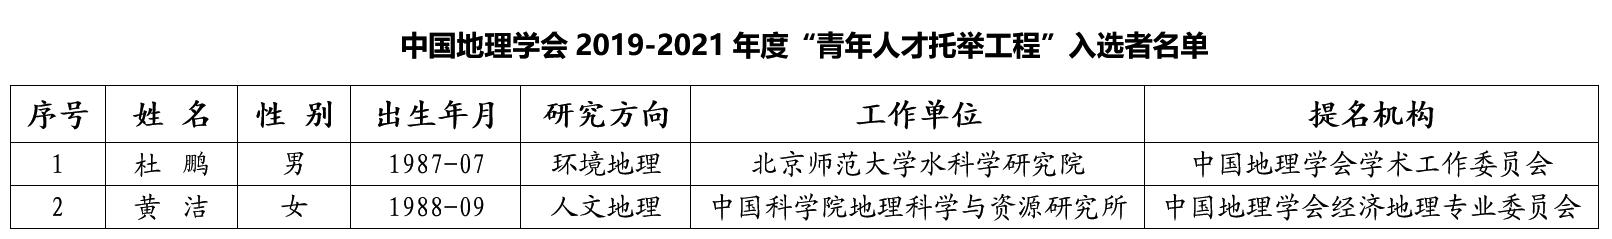 微信截图_20200522143201.png